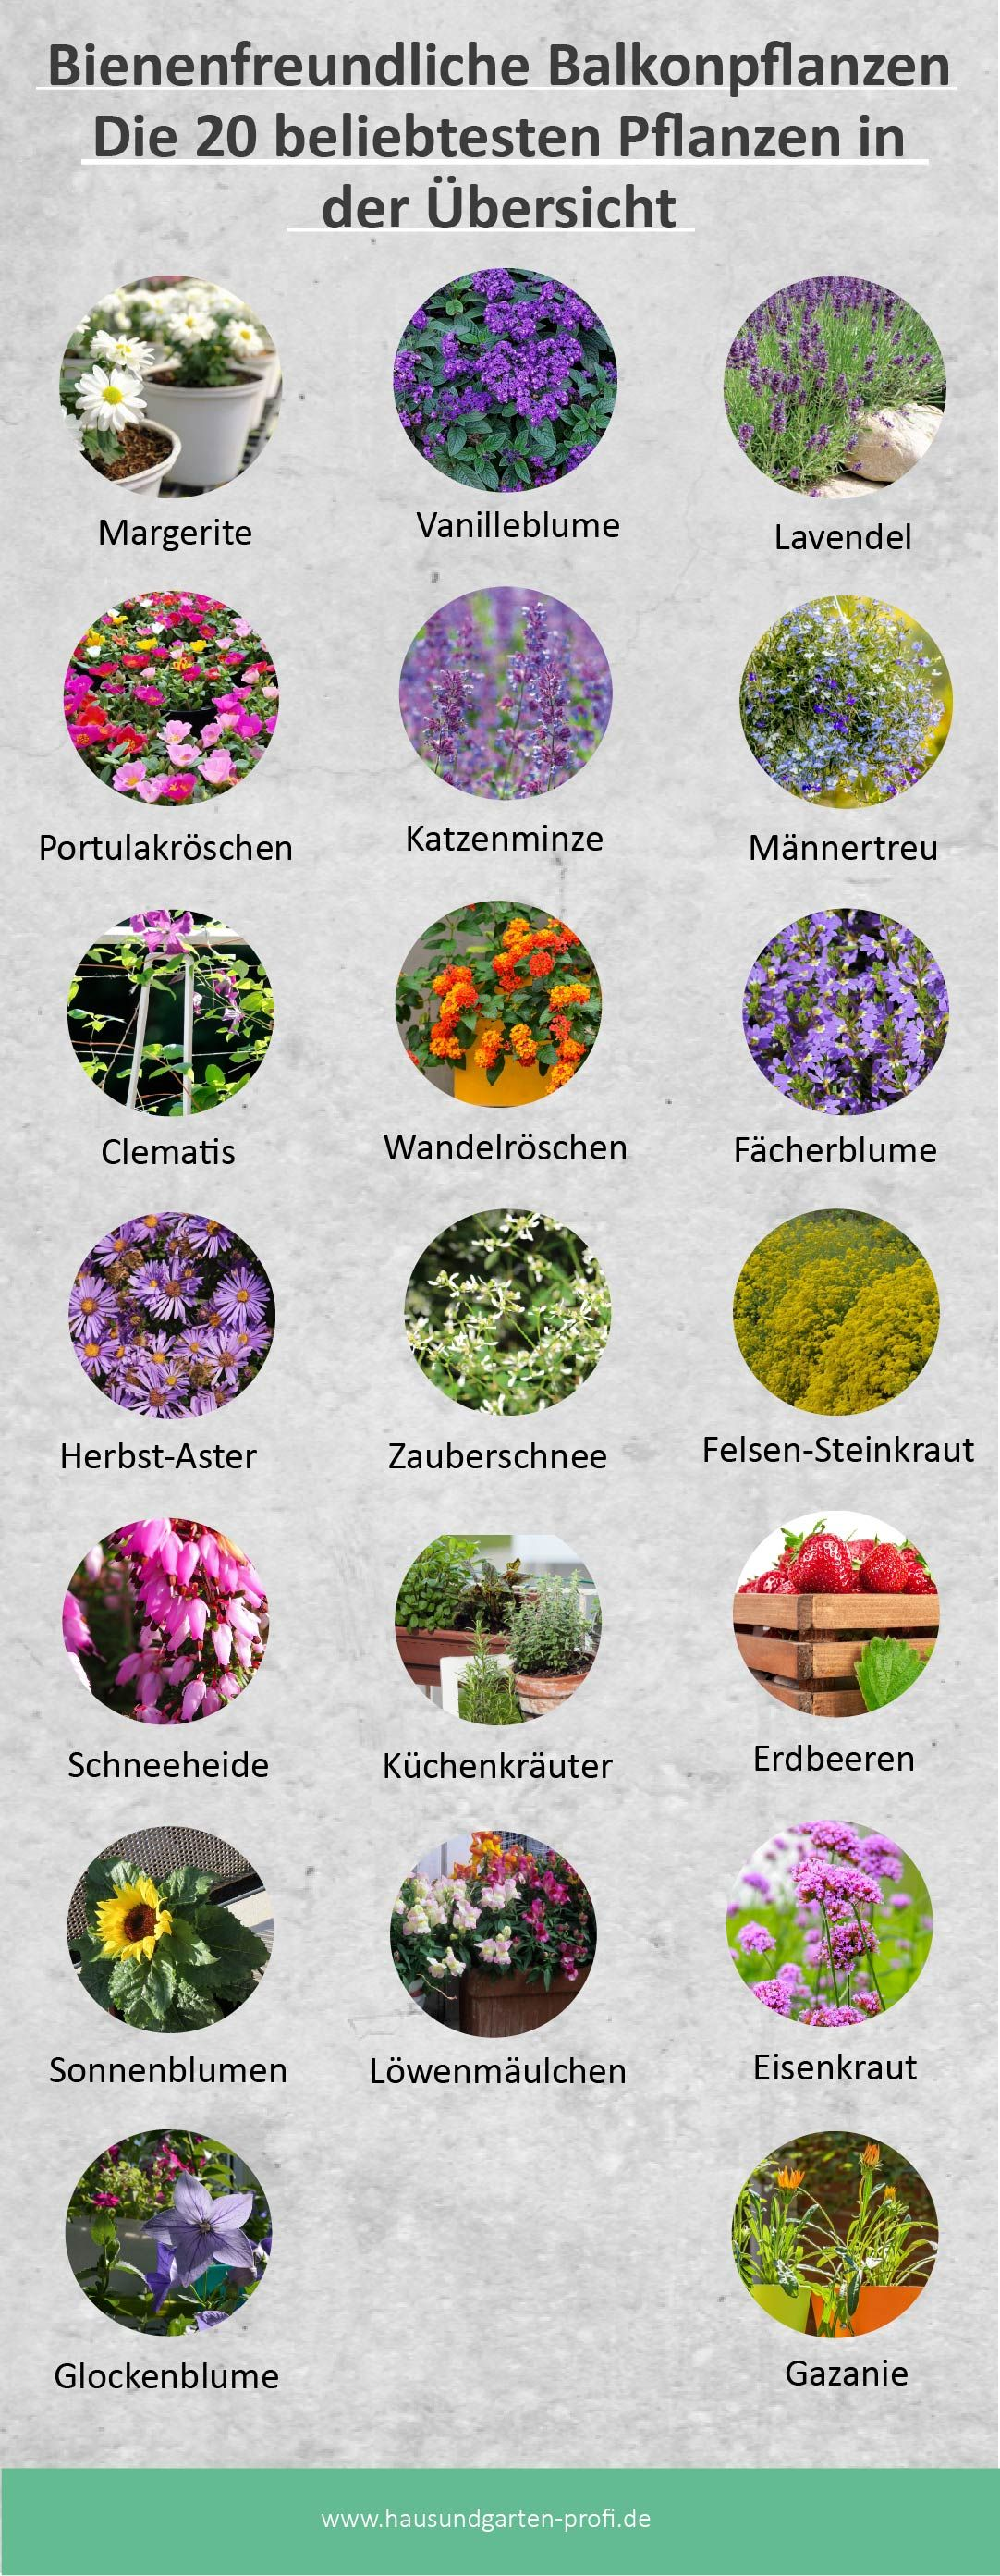 Bienenfreundliche Balkonpflanzen- Die 20 beliebtesten Pflanzen in der Übersicht